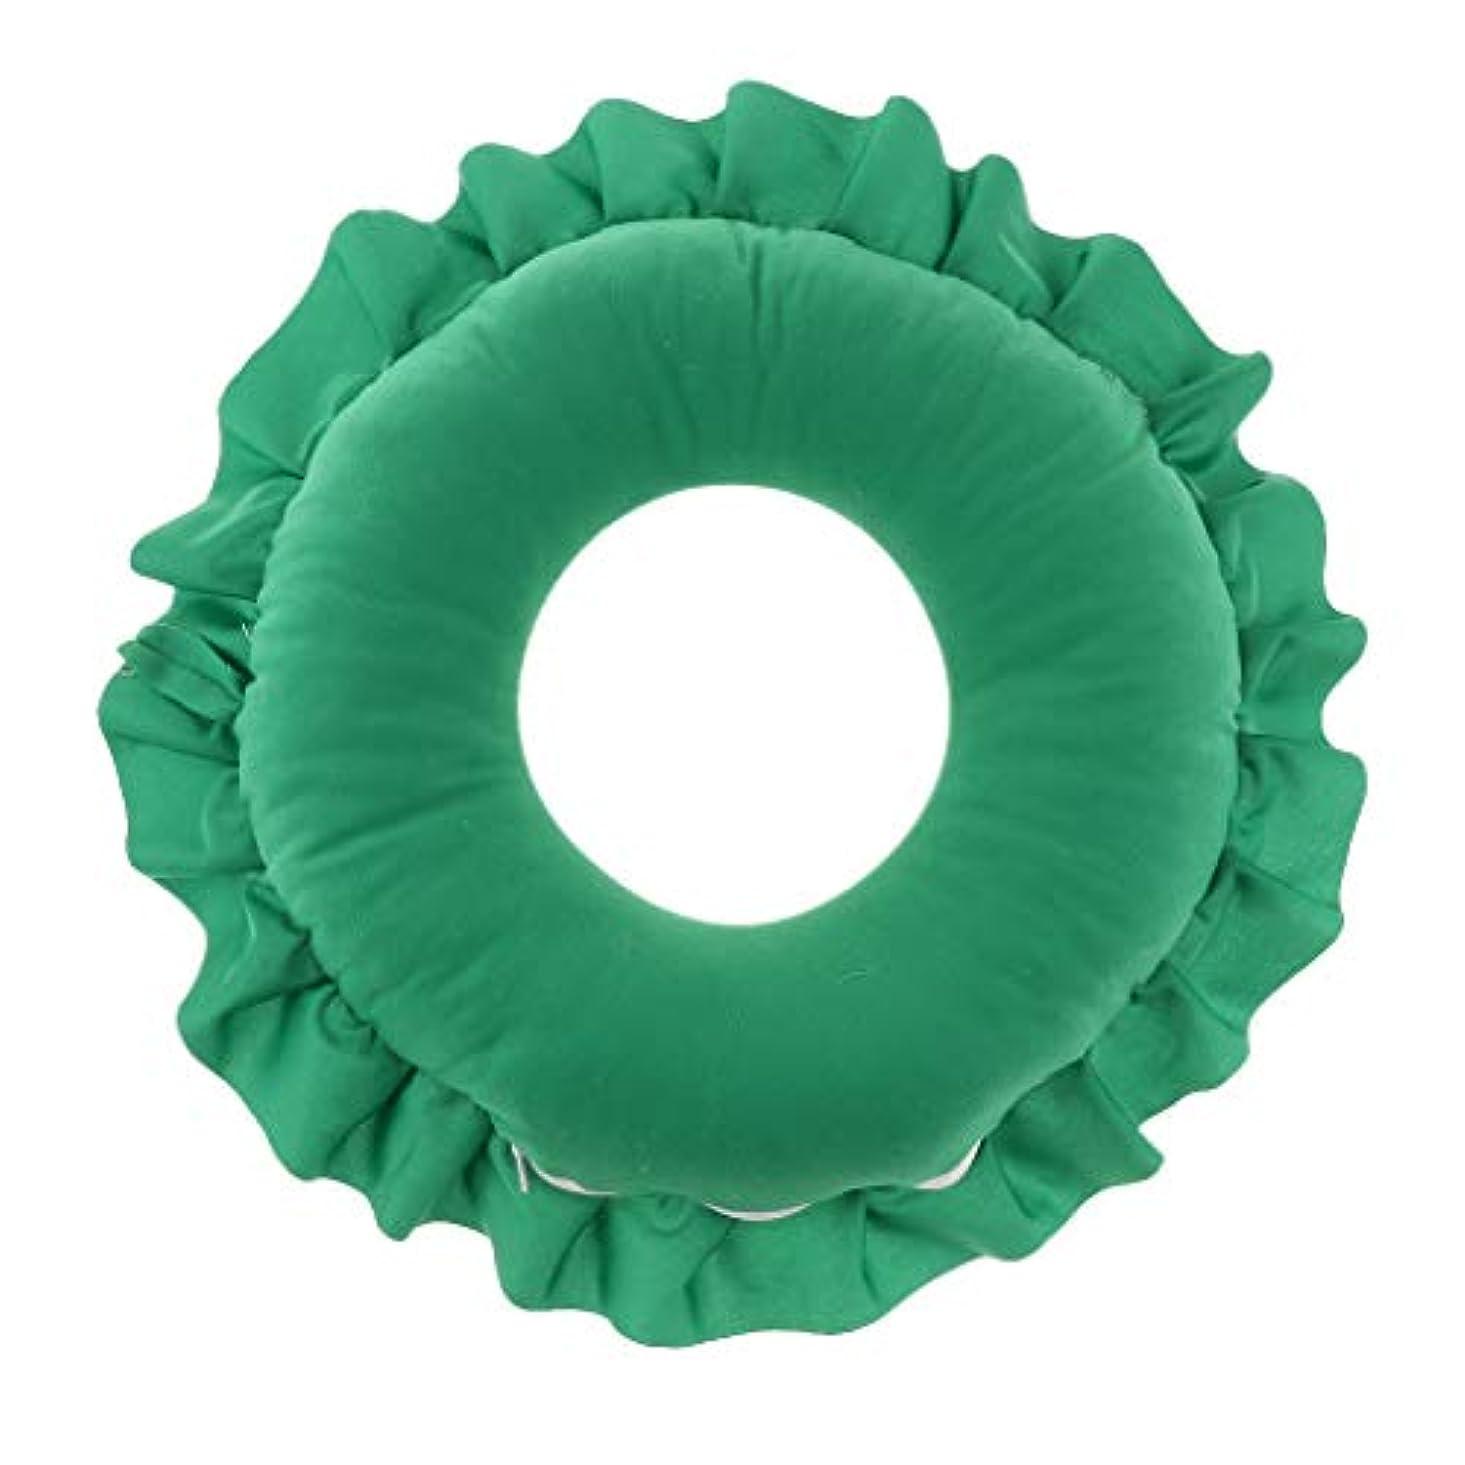 繕うスチュワーデス慈悲Fenteer フェイス枕 顔枕 マッサージ枕 マッサージピロー 美容院 柔らかい 快適 洗える 全4色 - 緑